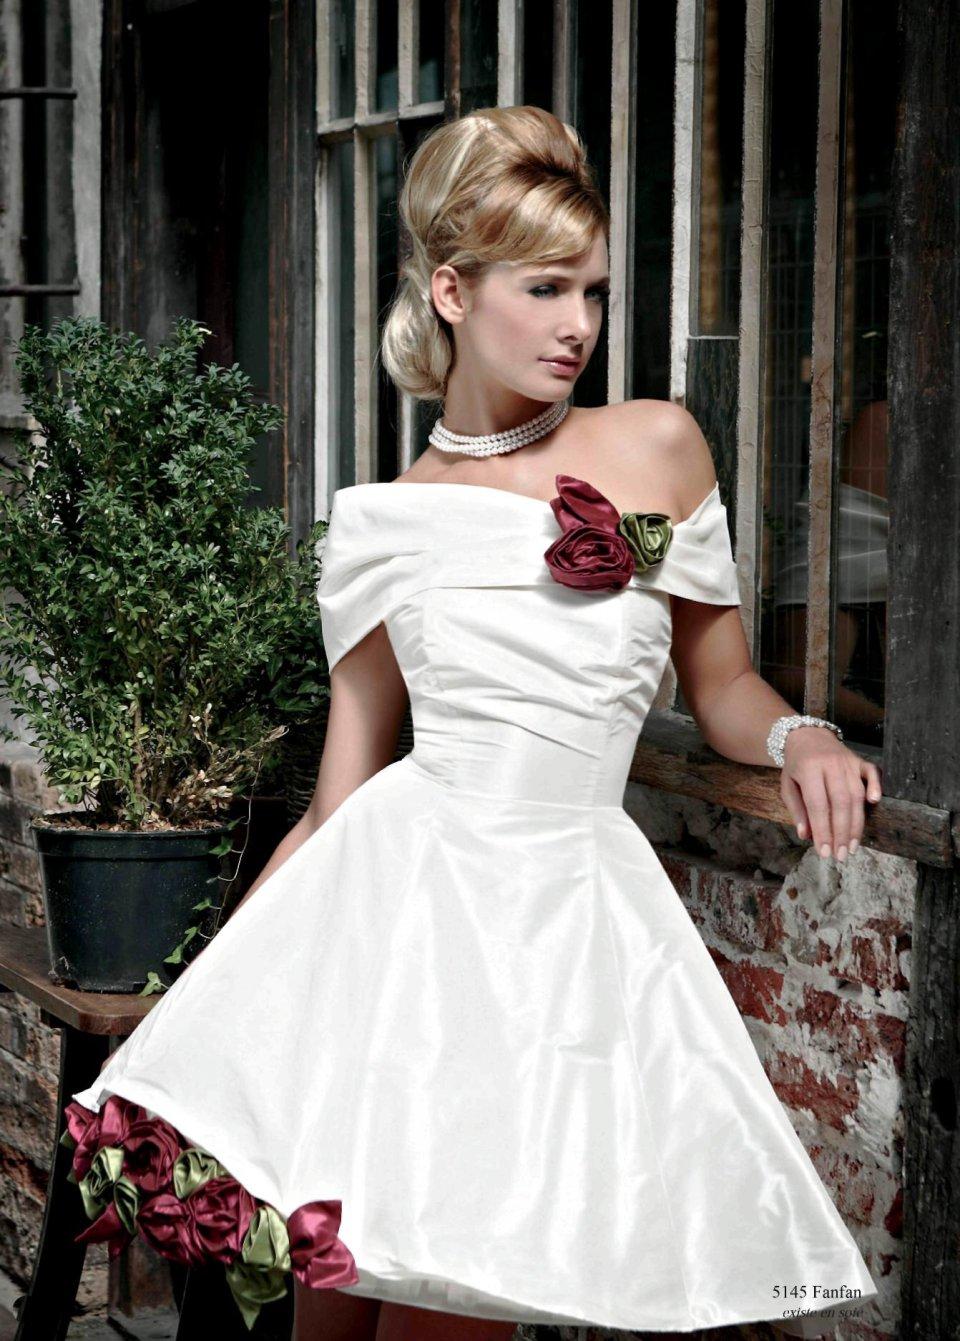 росла большой свадебные платья в стиле ретро фото образом расшитые рубашки